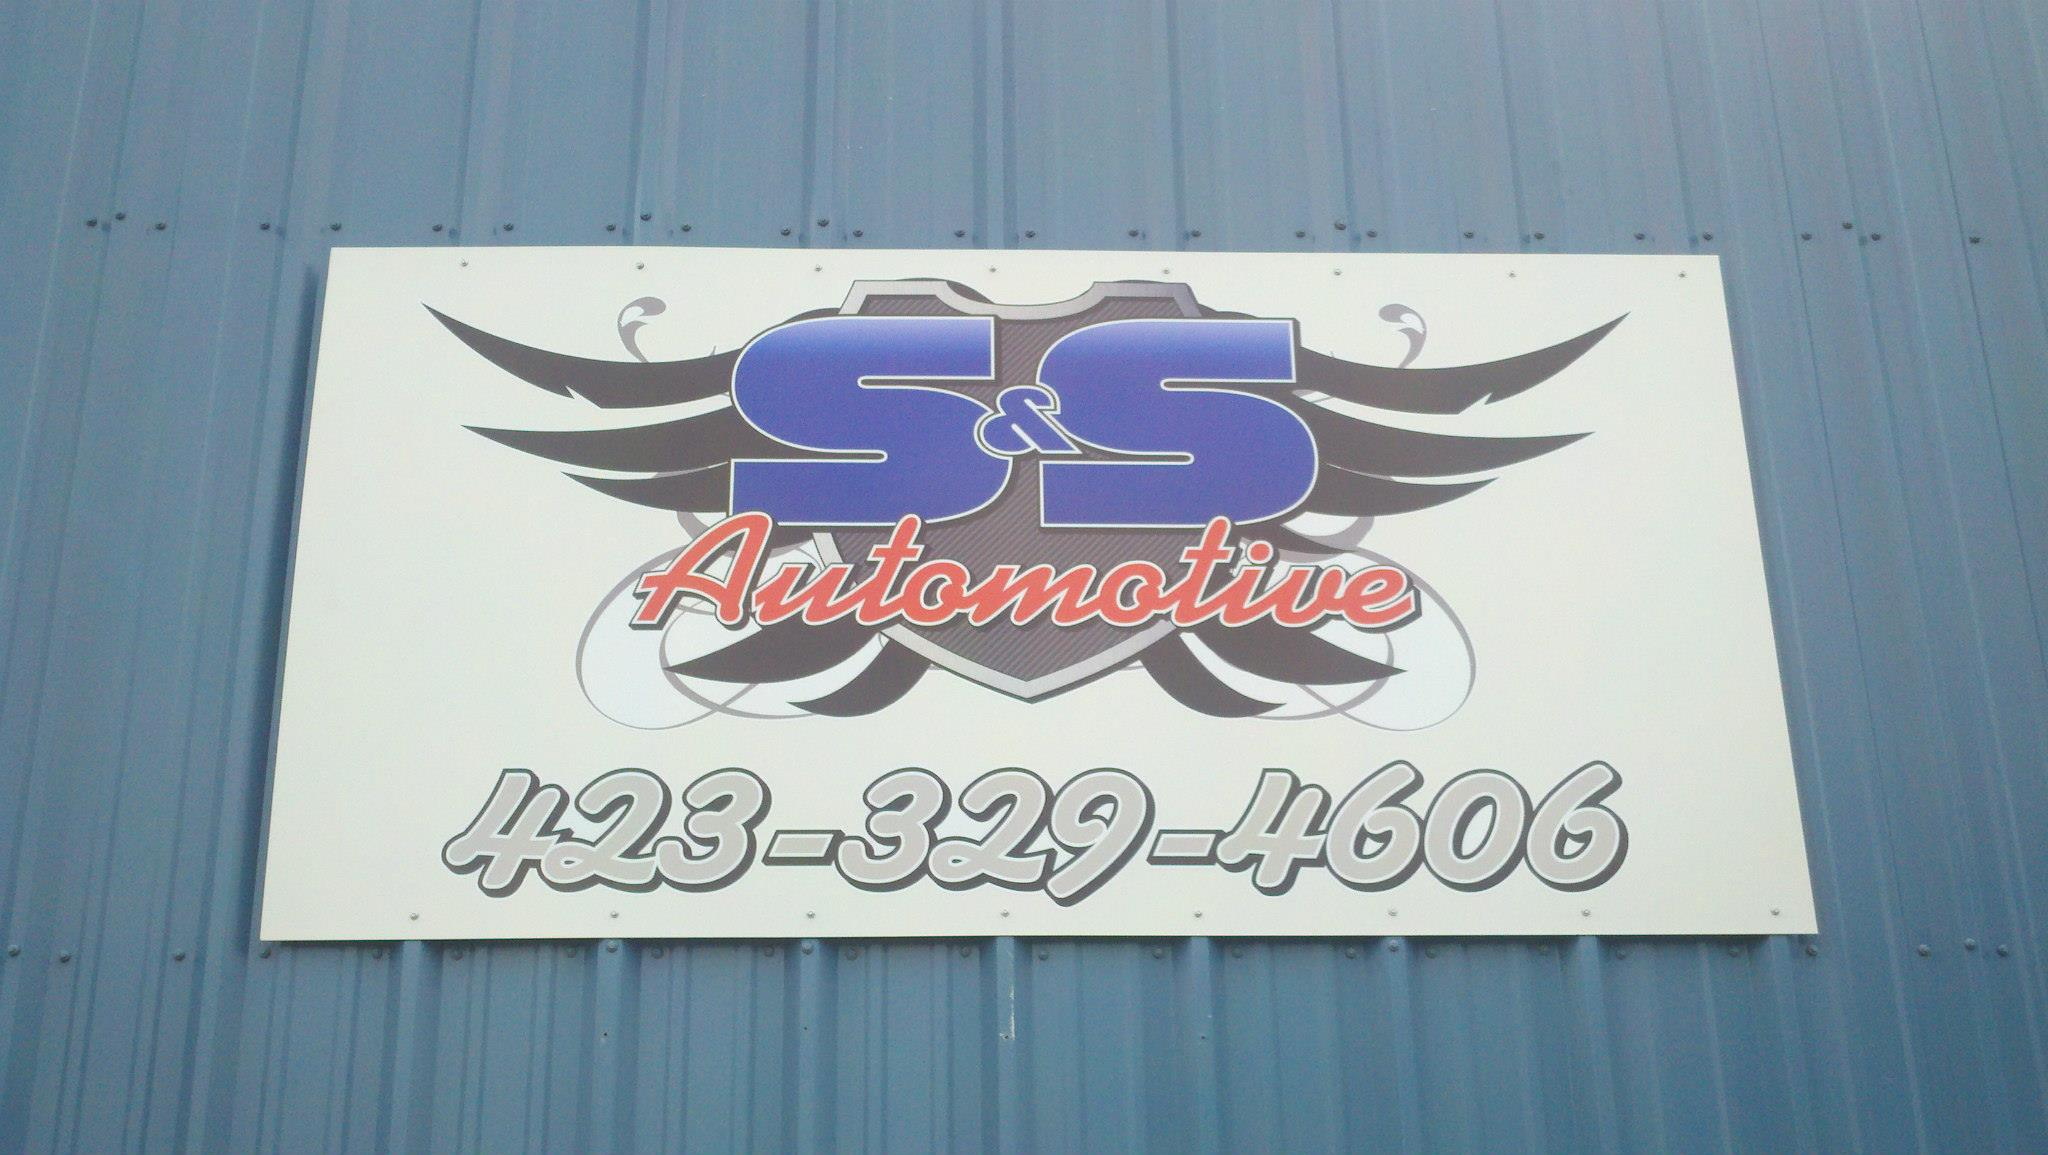 S&S Automotive